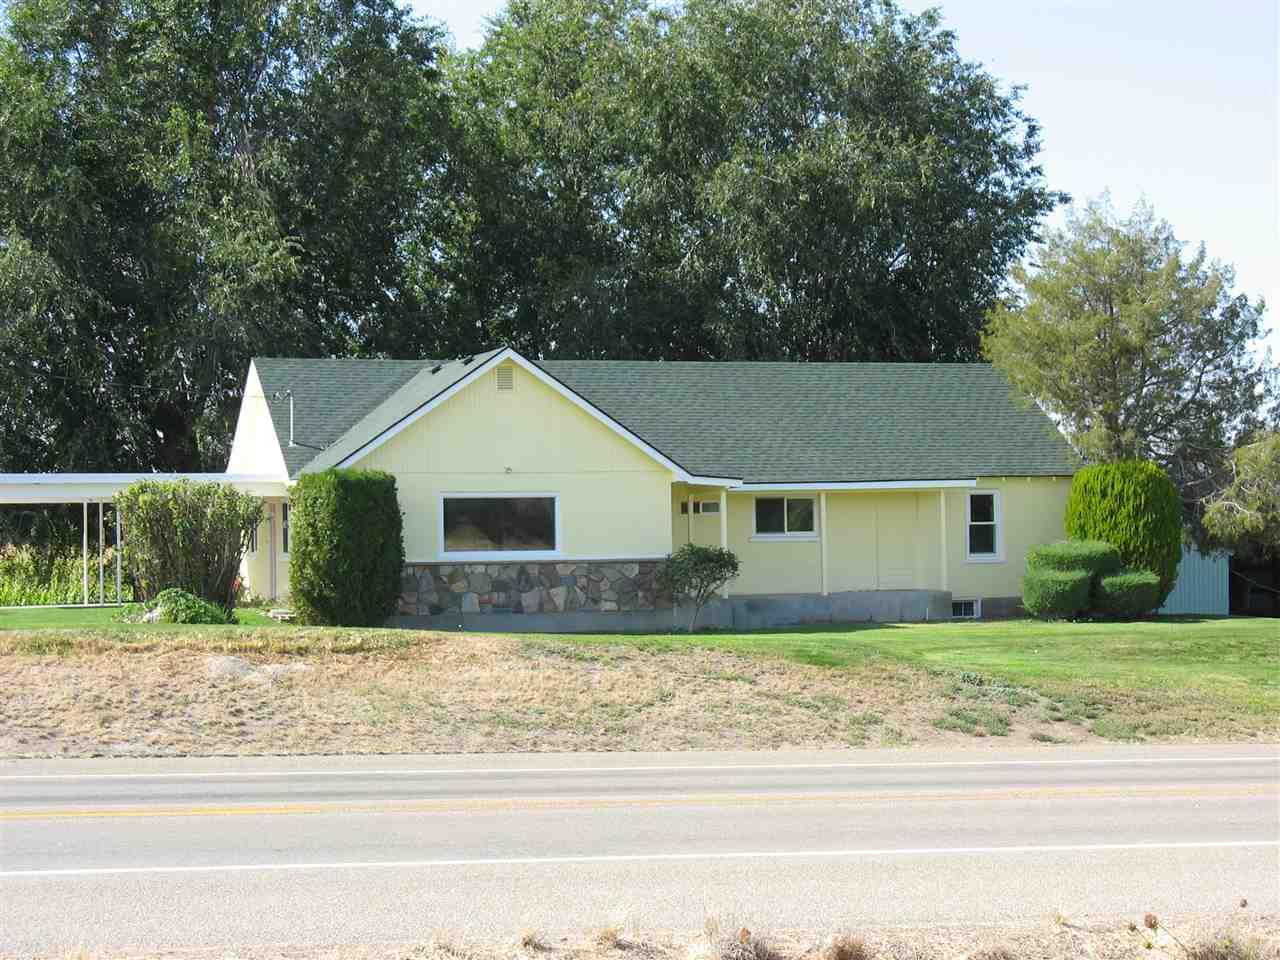 独户住宅 为 销售 在 32925 Hwy 95 32925 Hwy 95 Parma, 爱达荷州 83660